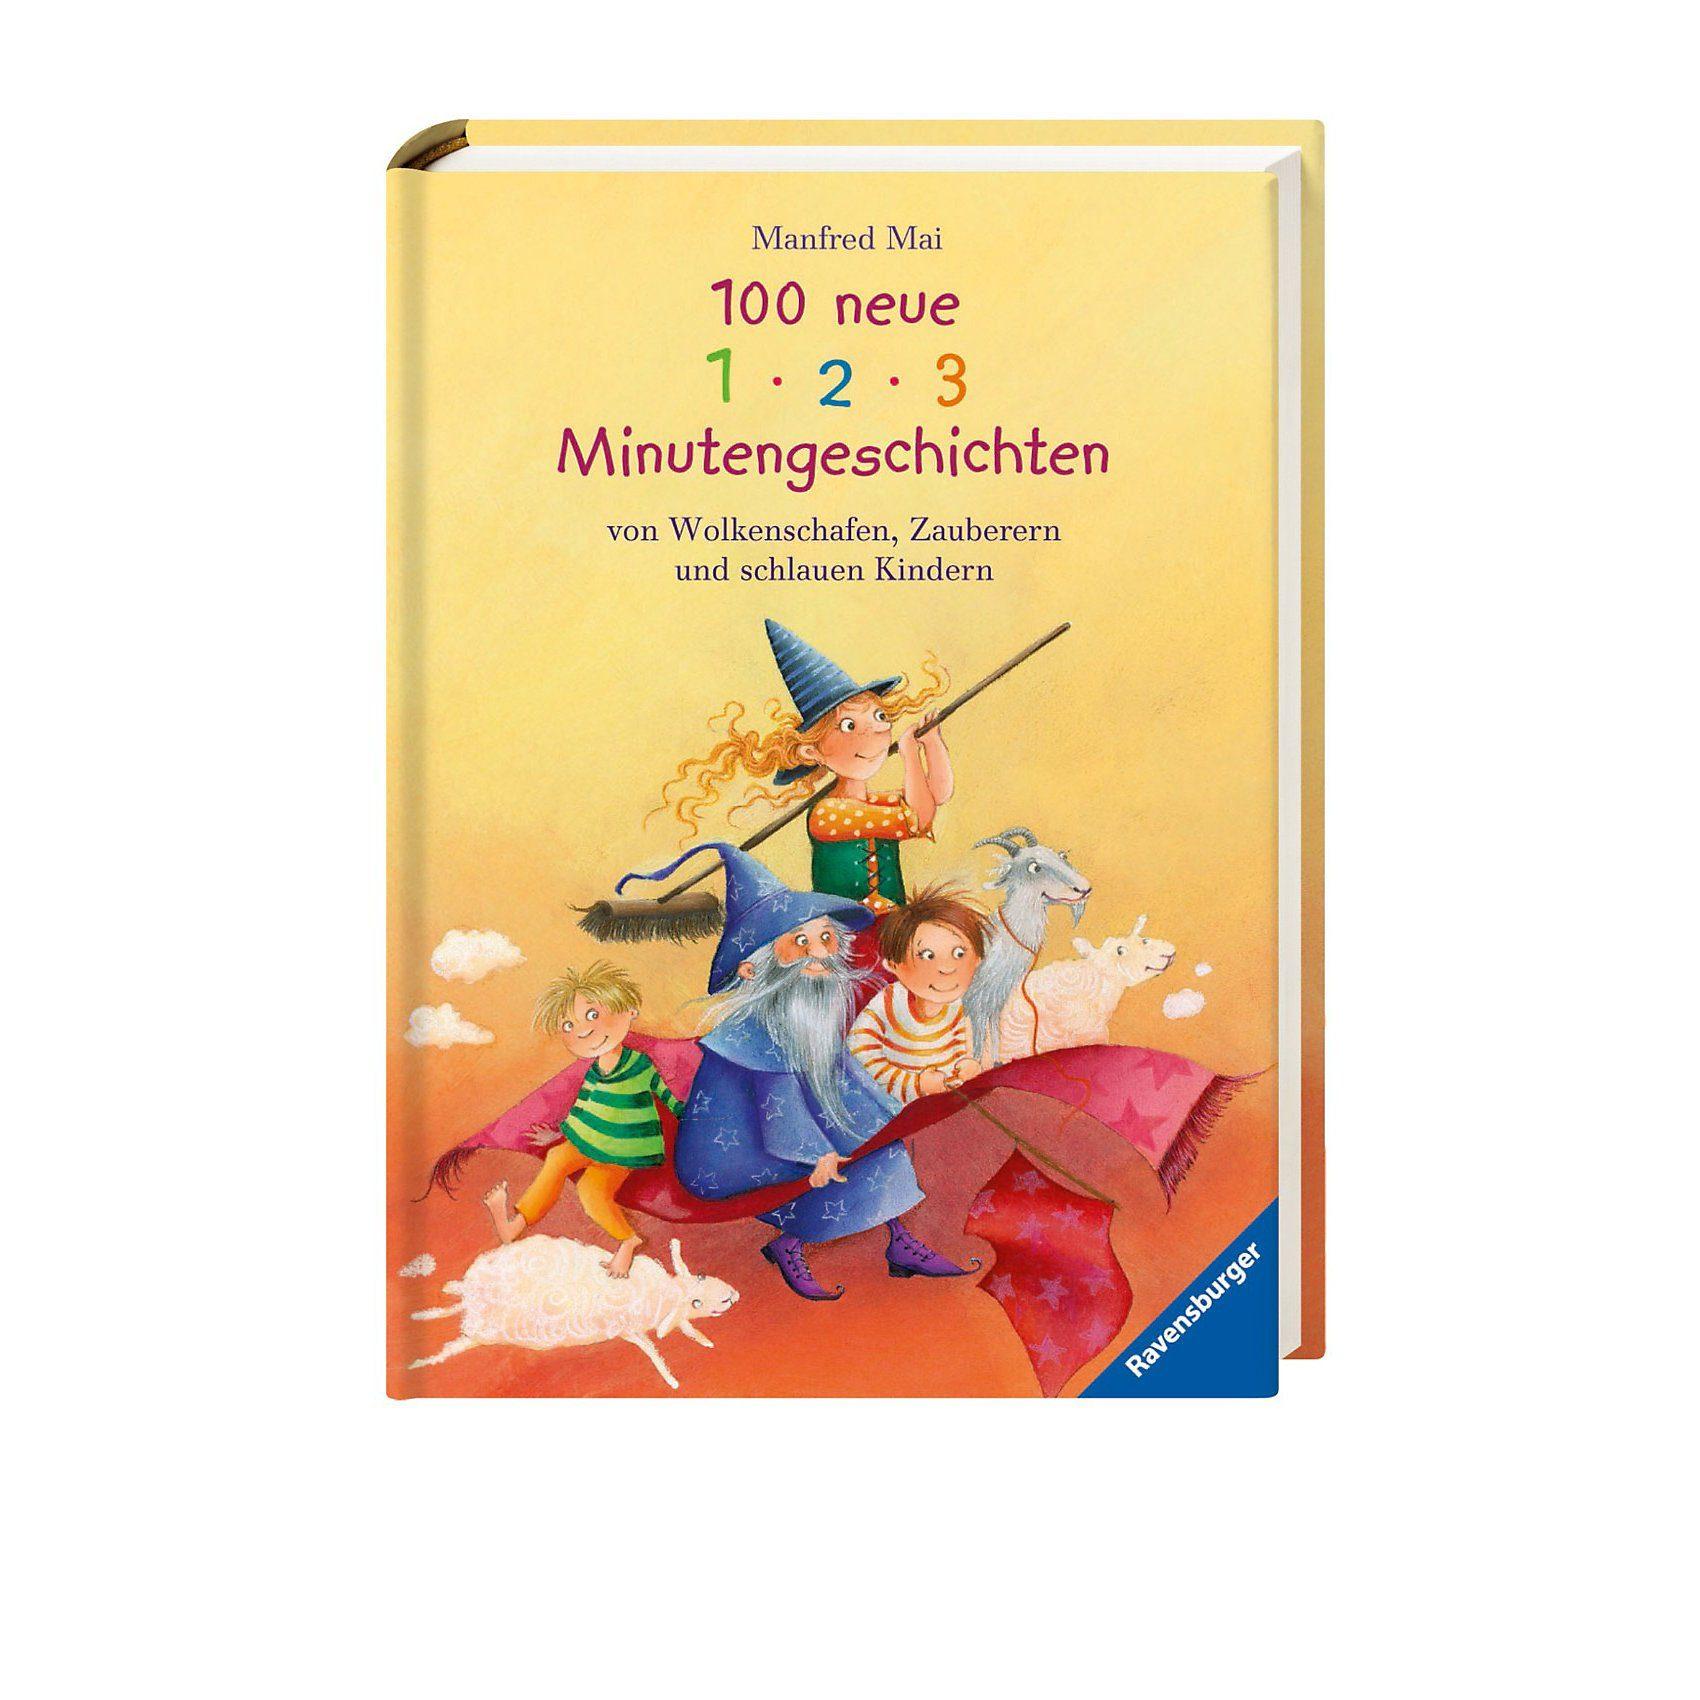 Ravensburger 100 neue 1-2-3 Minutengeschichten von Wolkenschafen, Zaubere